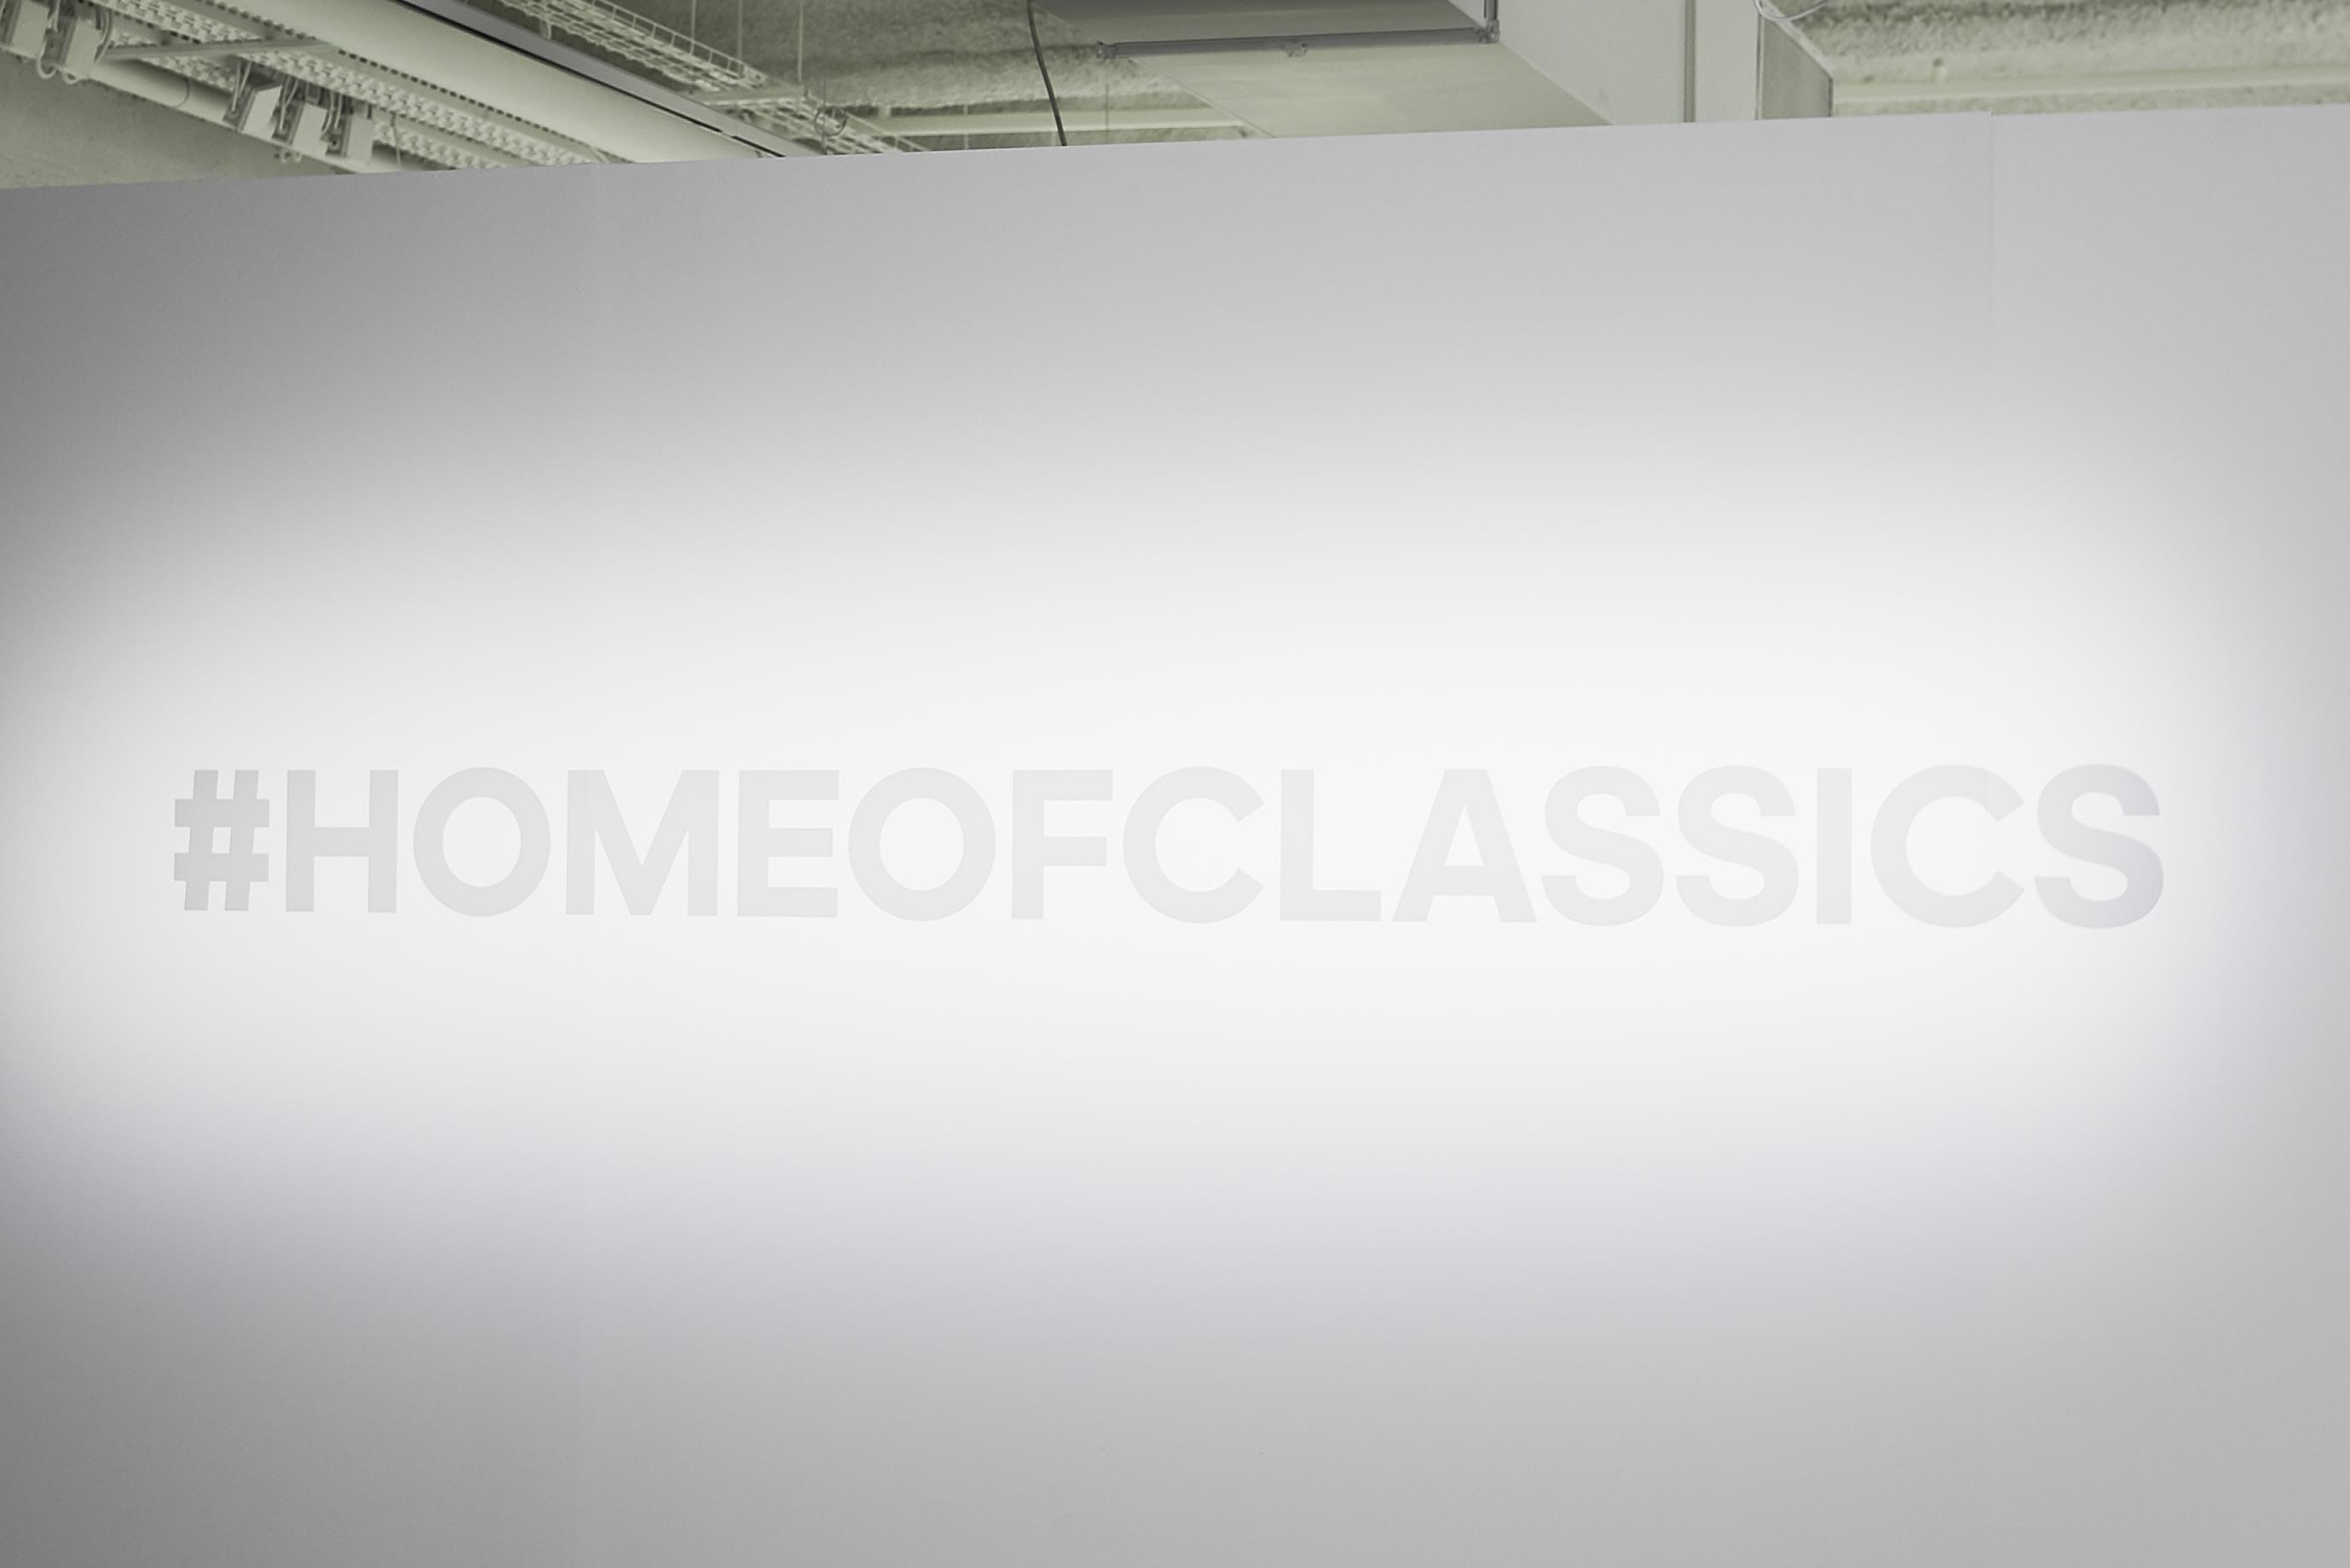 adidas Home of Classics